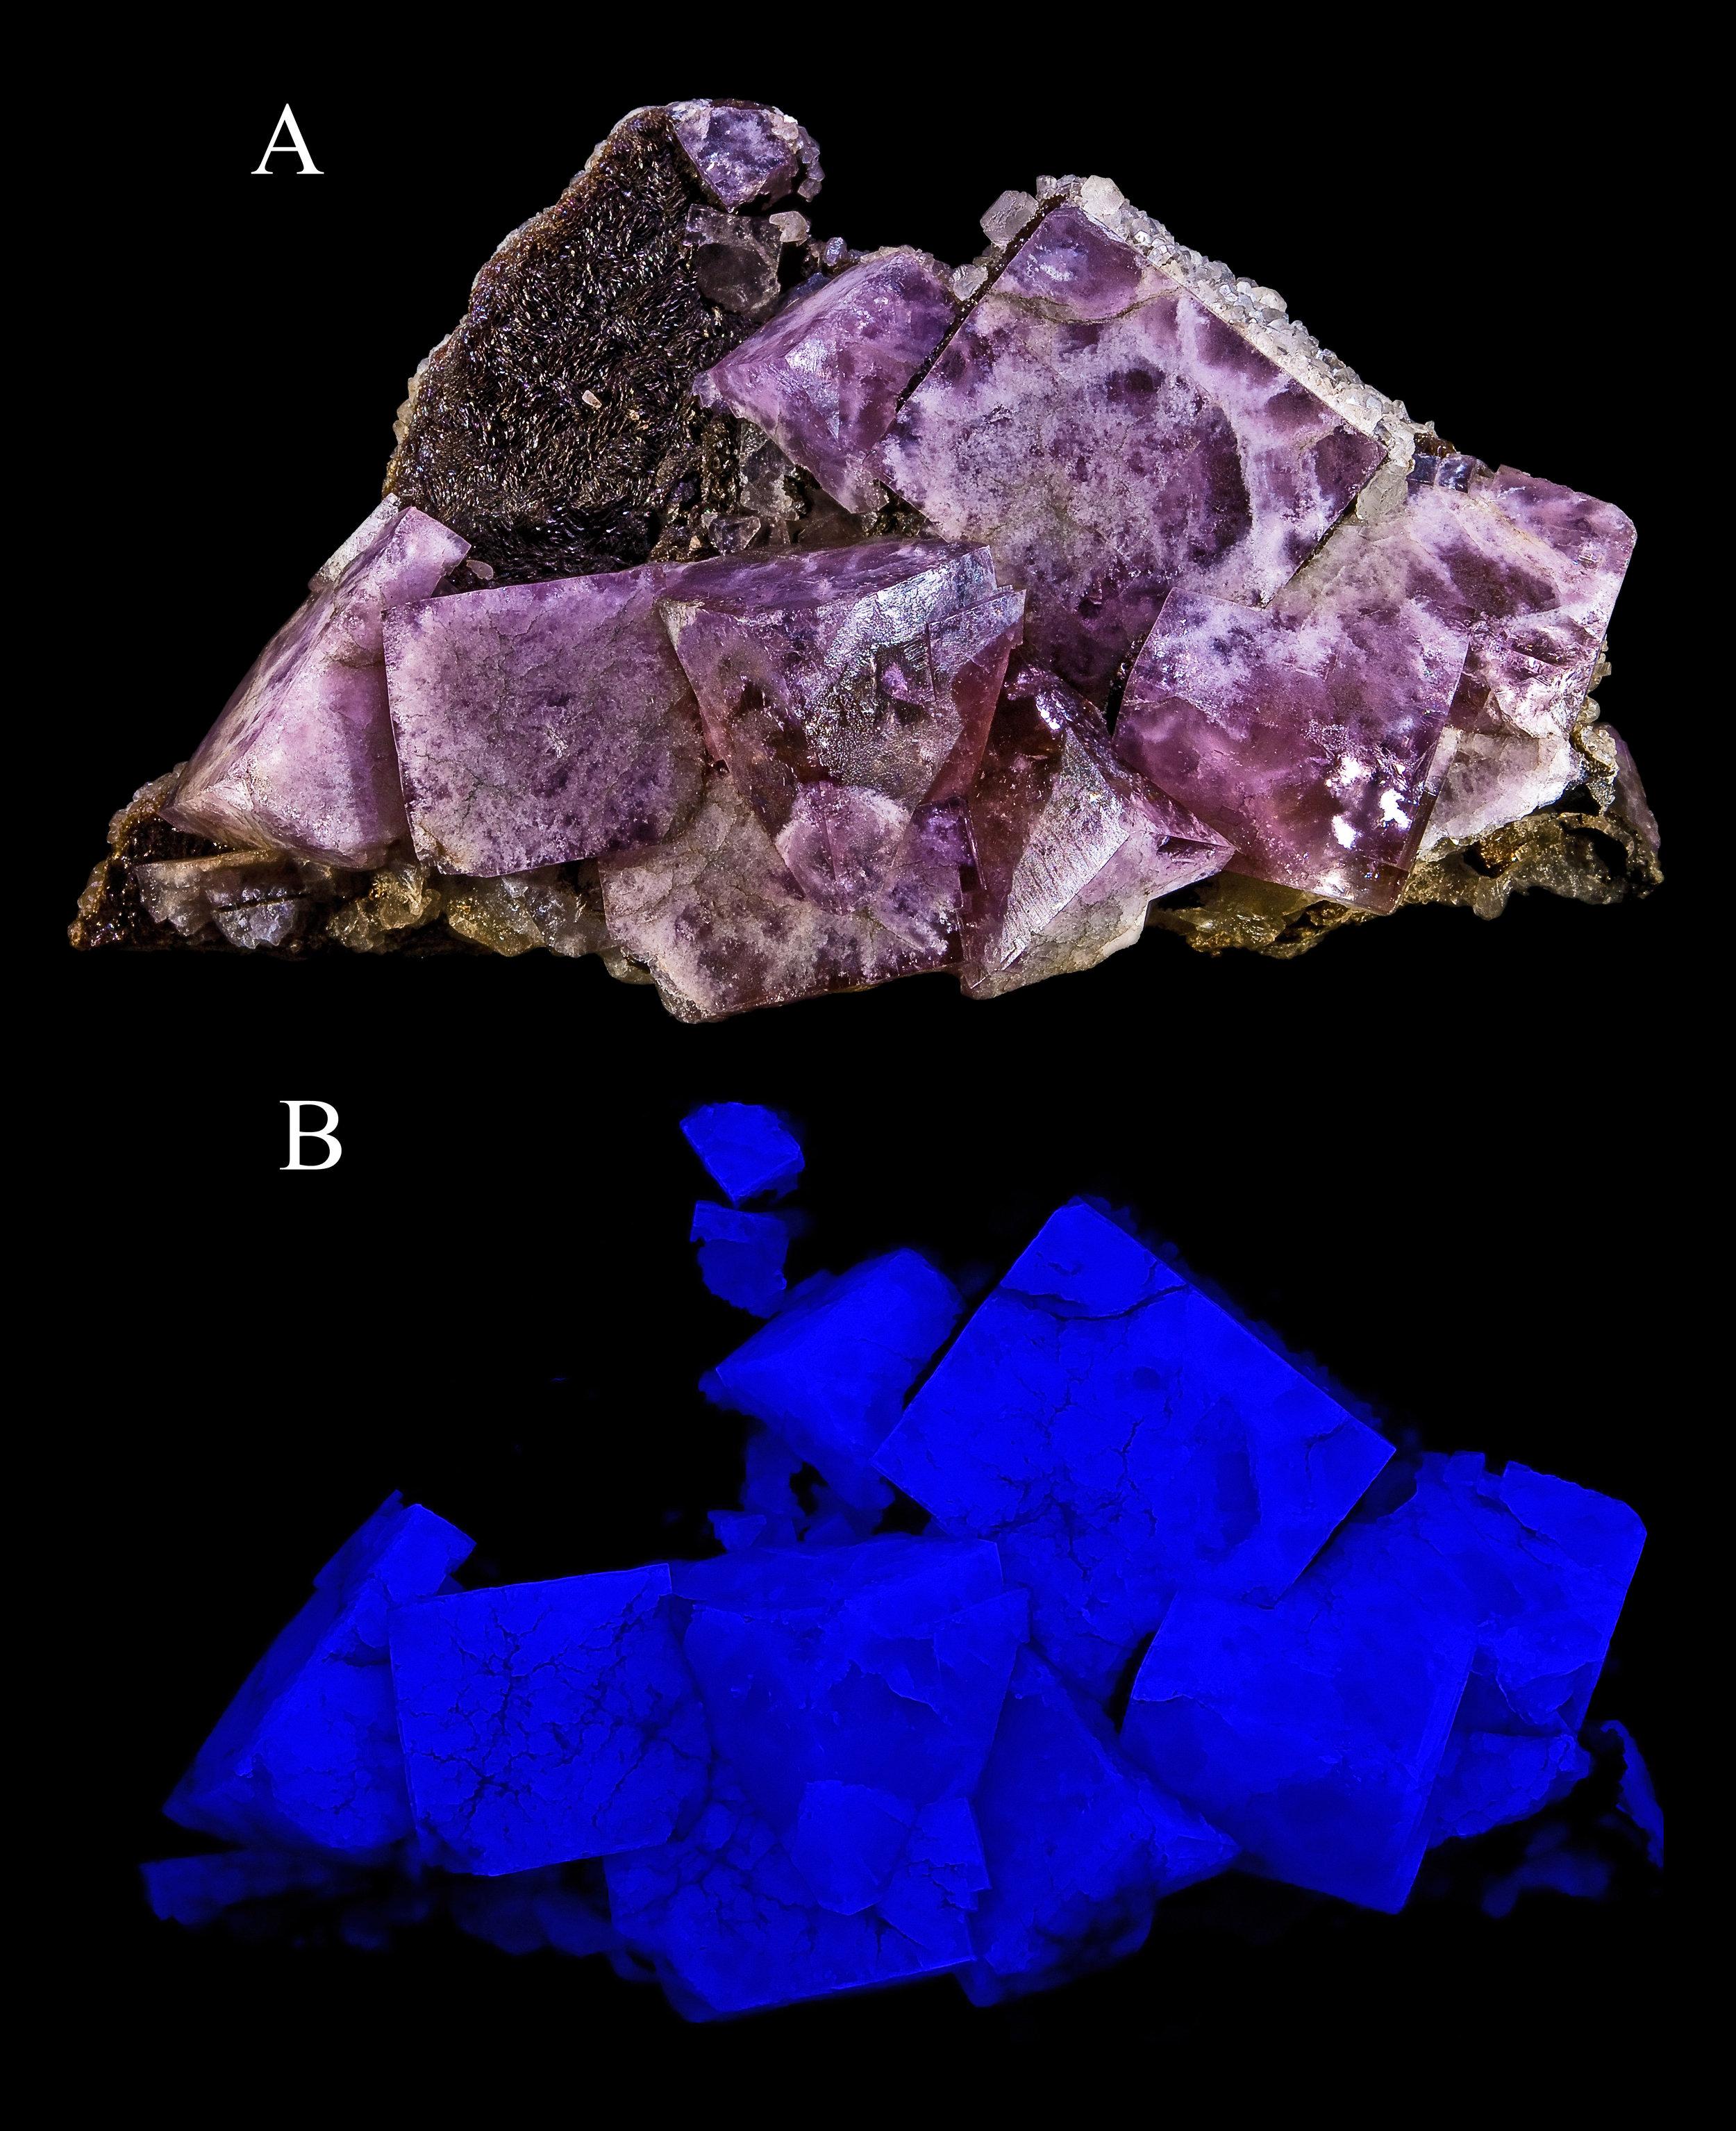 Dato curioso - La fluorita es un mineral que fluorece al ser irradiado con luz ultravioleta.